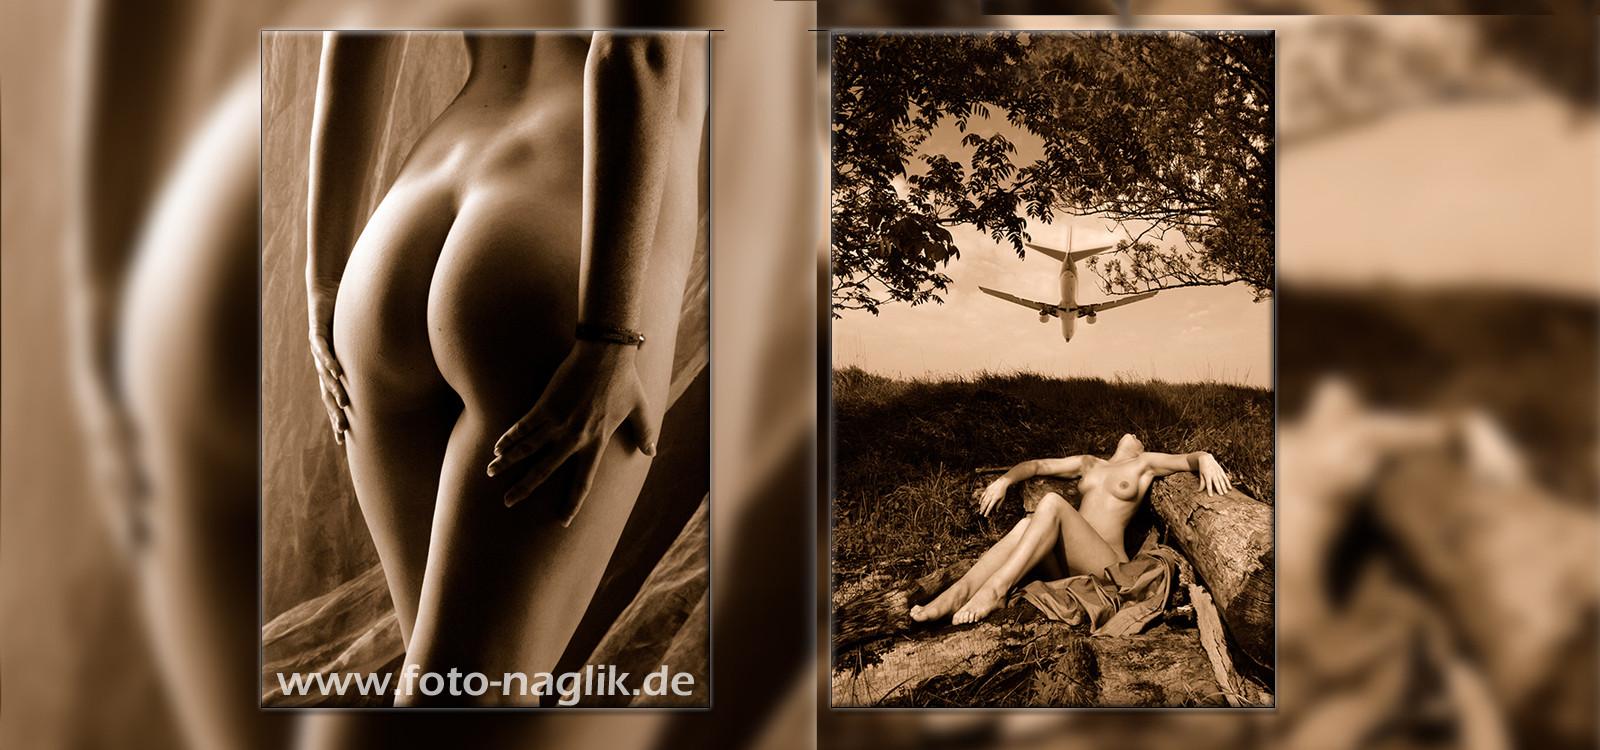 Naglik-Foto-Erding-Akt H407